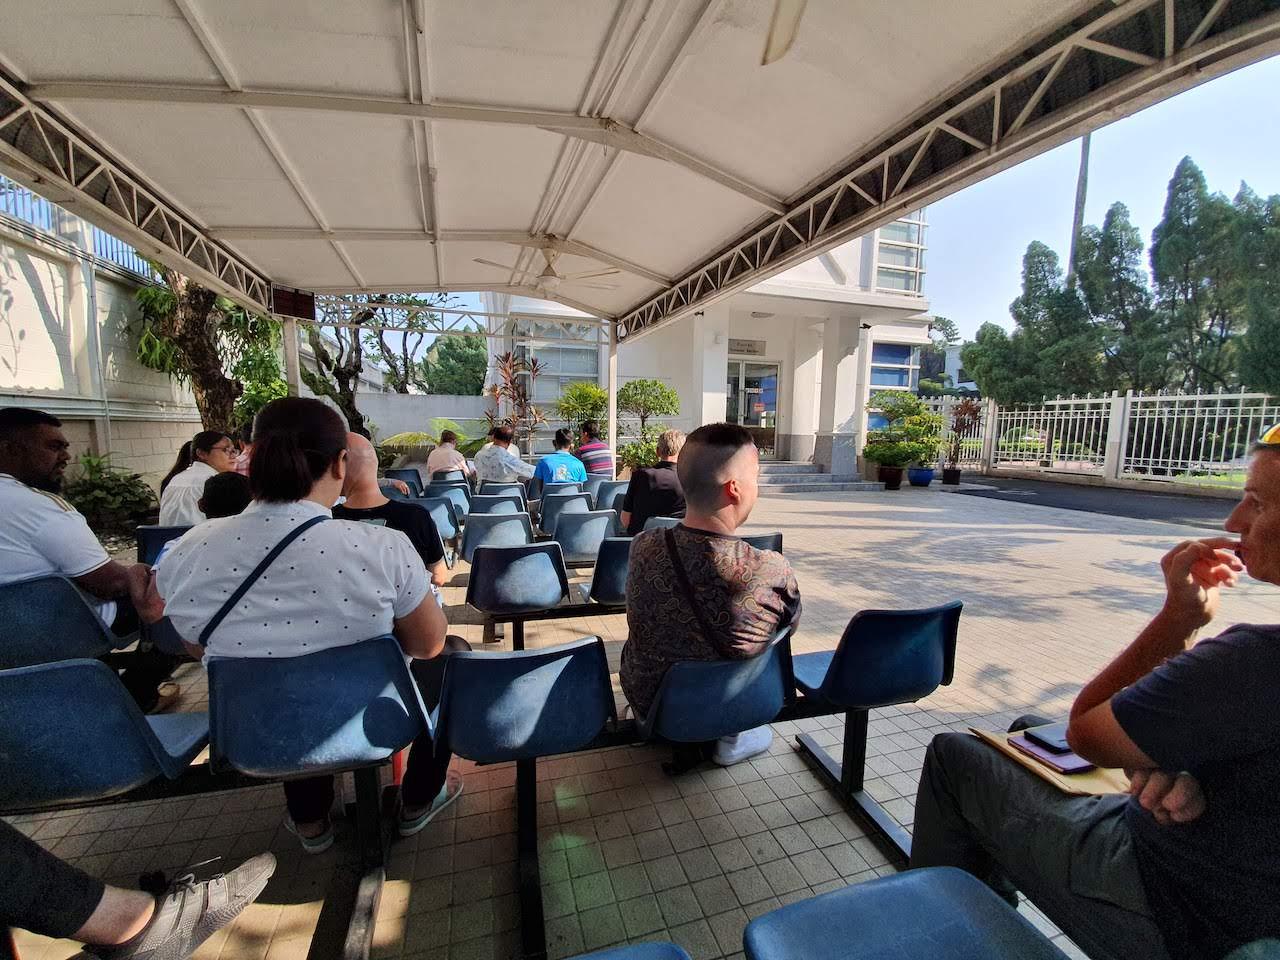 kl embassy